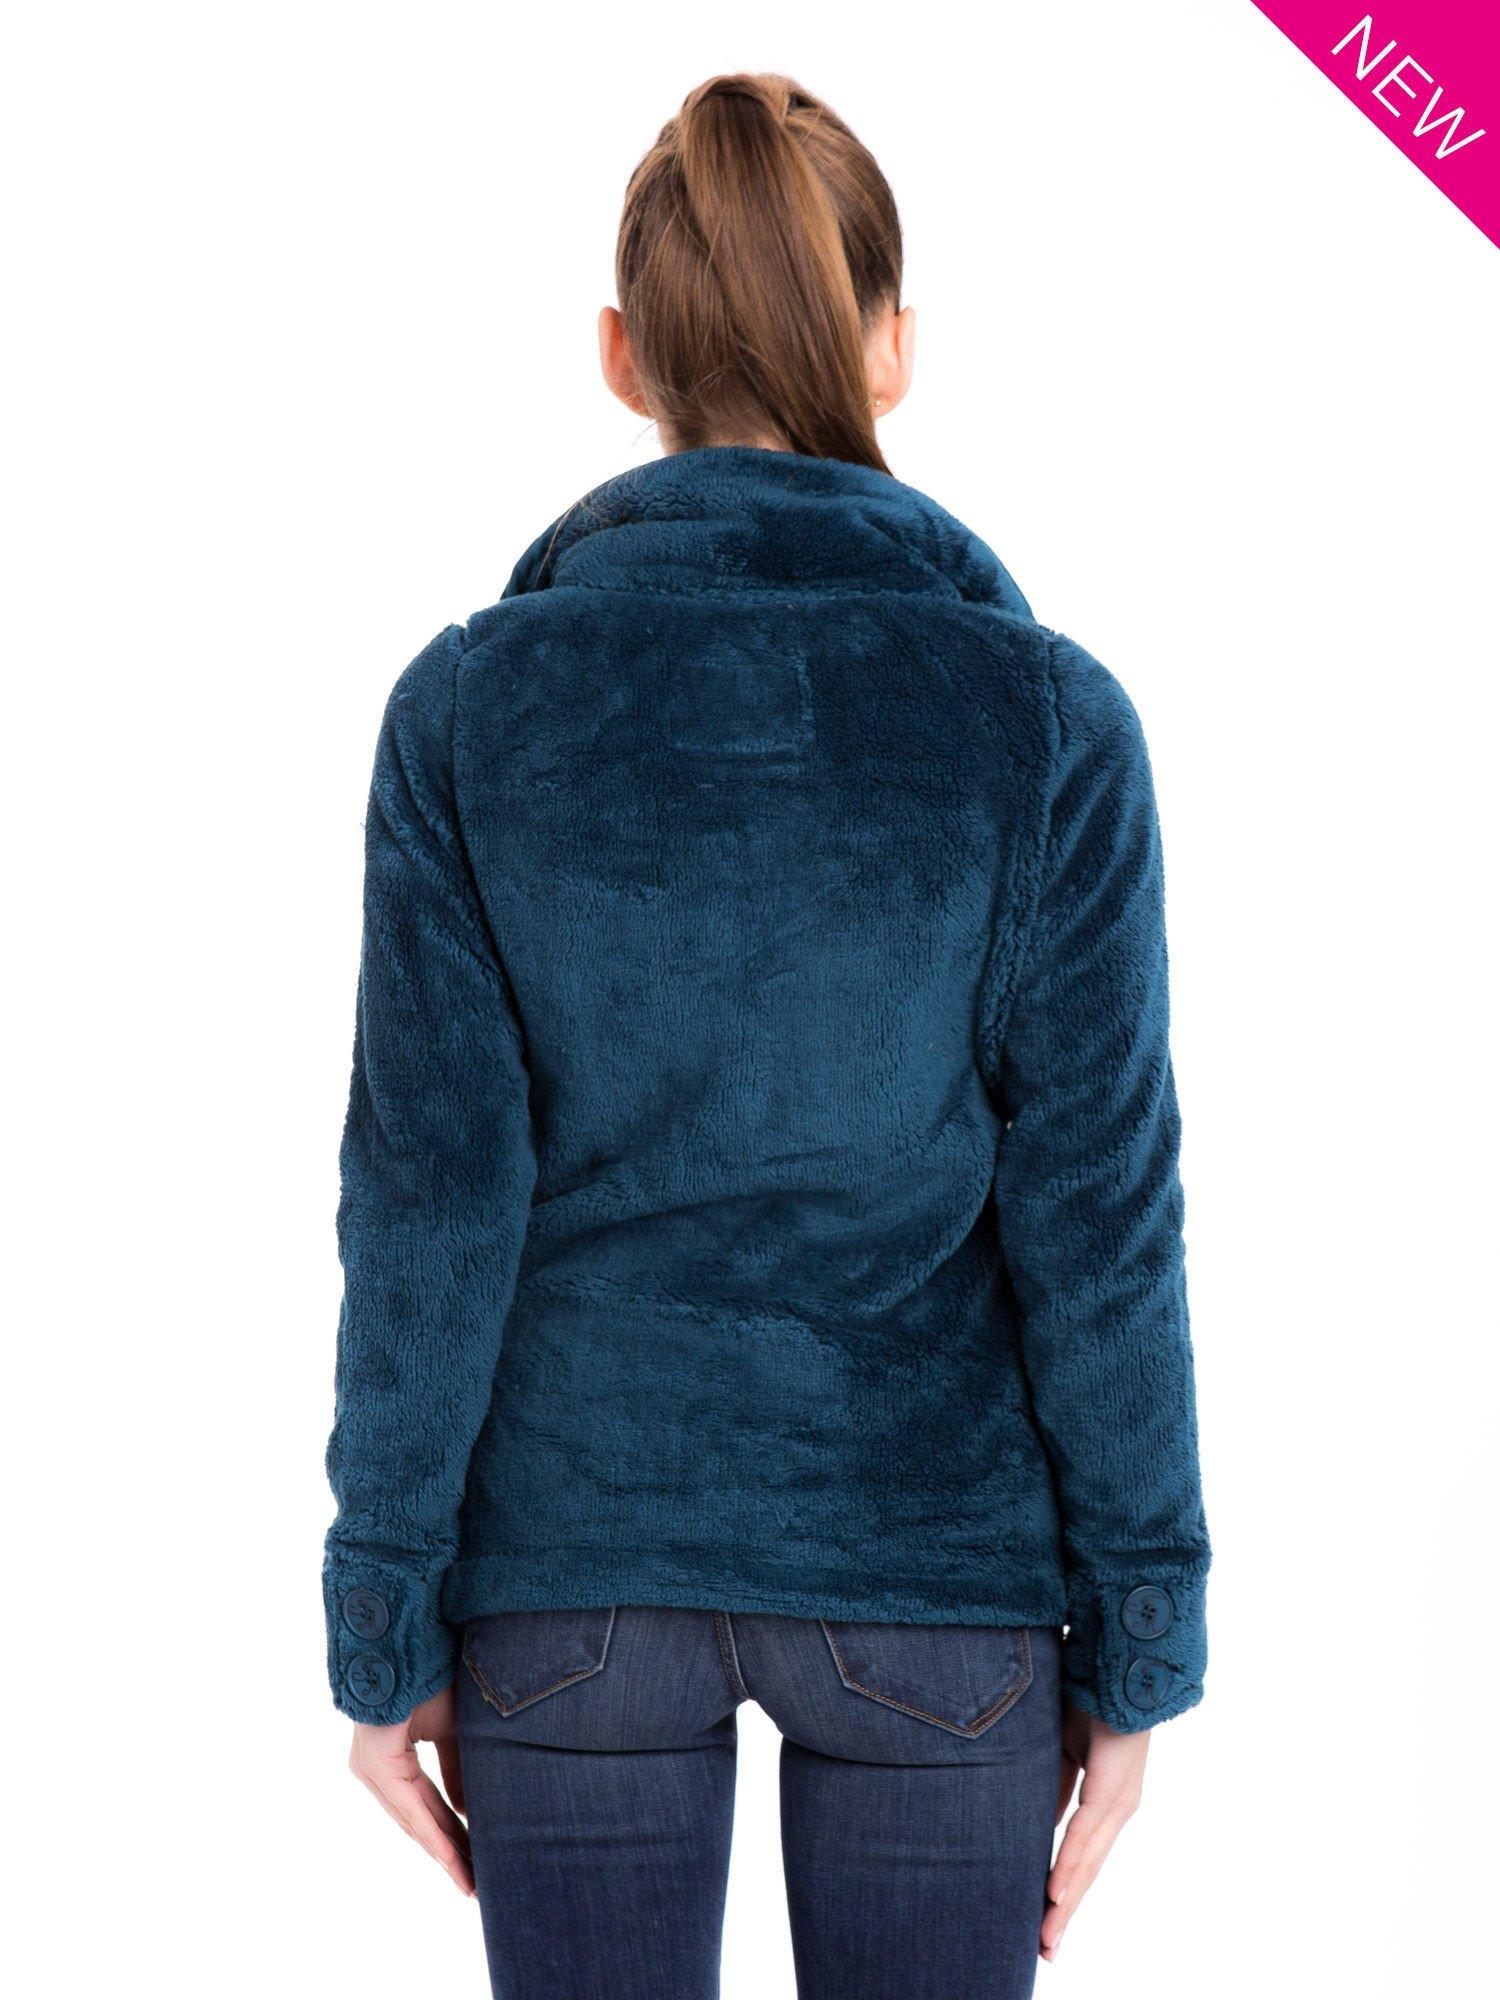 Morski bluza pluszowa z wysokim kołnierzem                                  zdj.                                  3